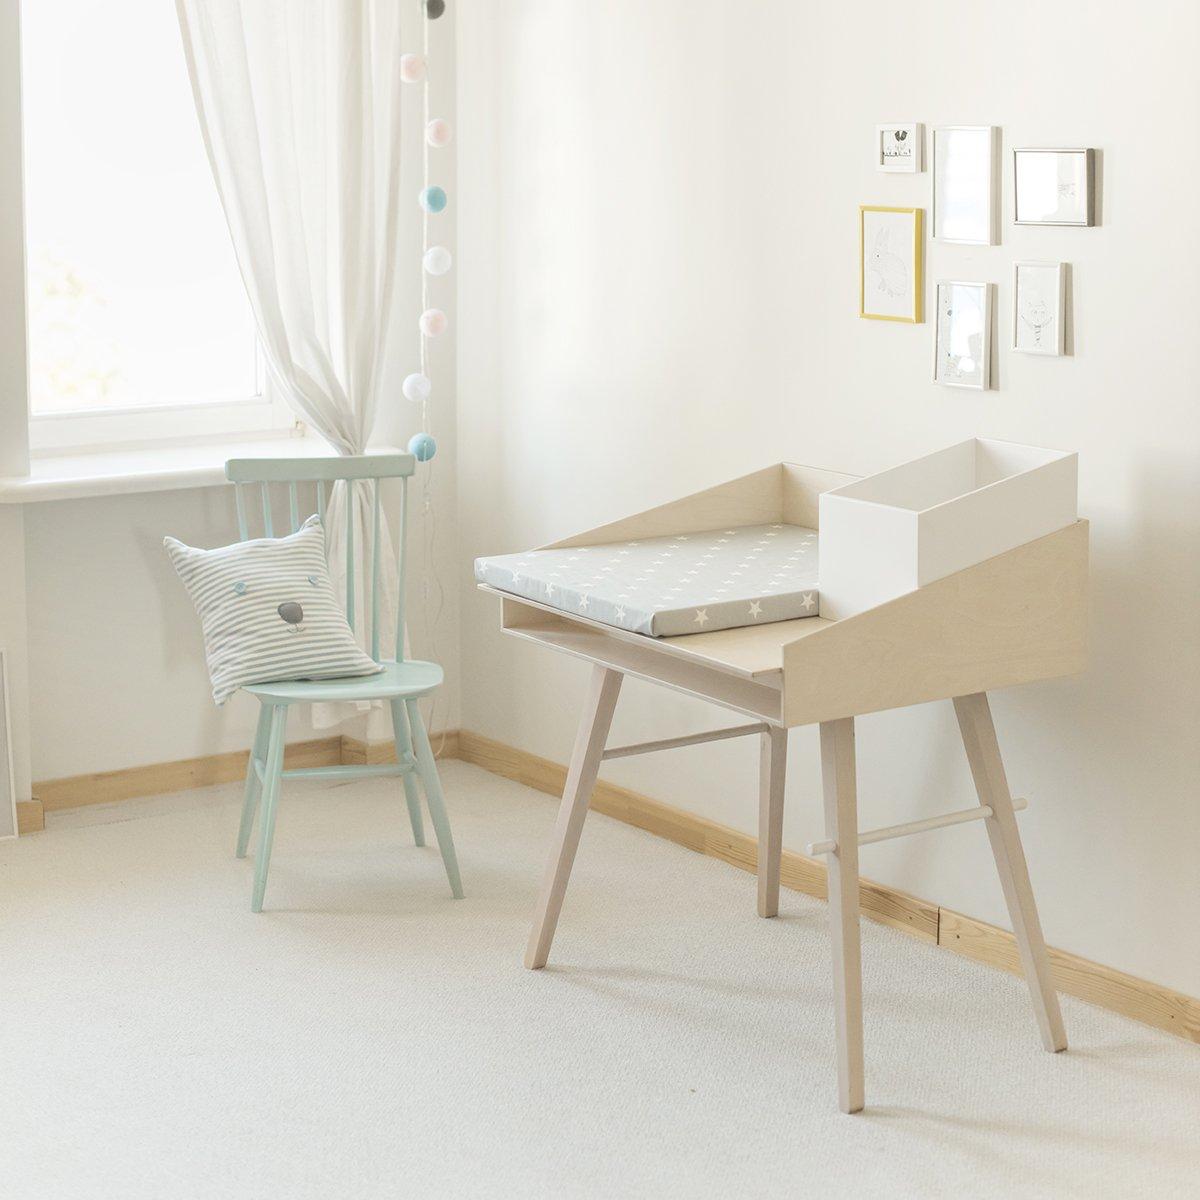 SO:LO designerski wielofunkcyjny mebel dziecięcy przewijak